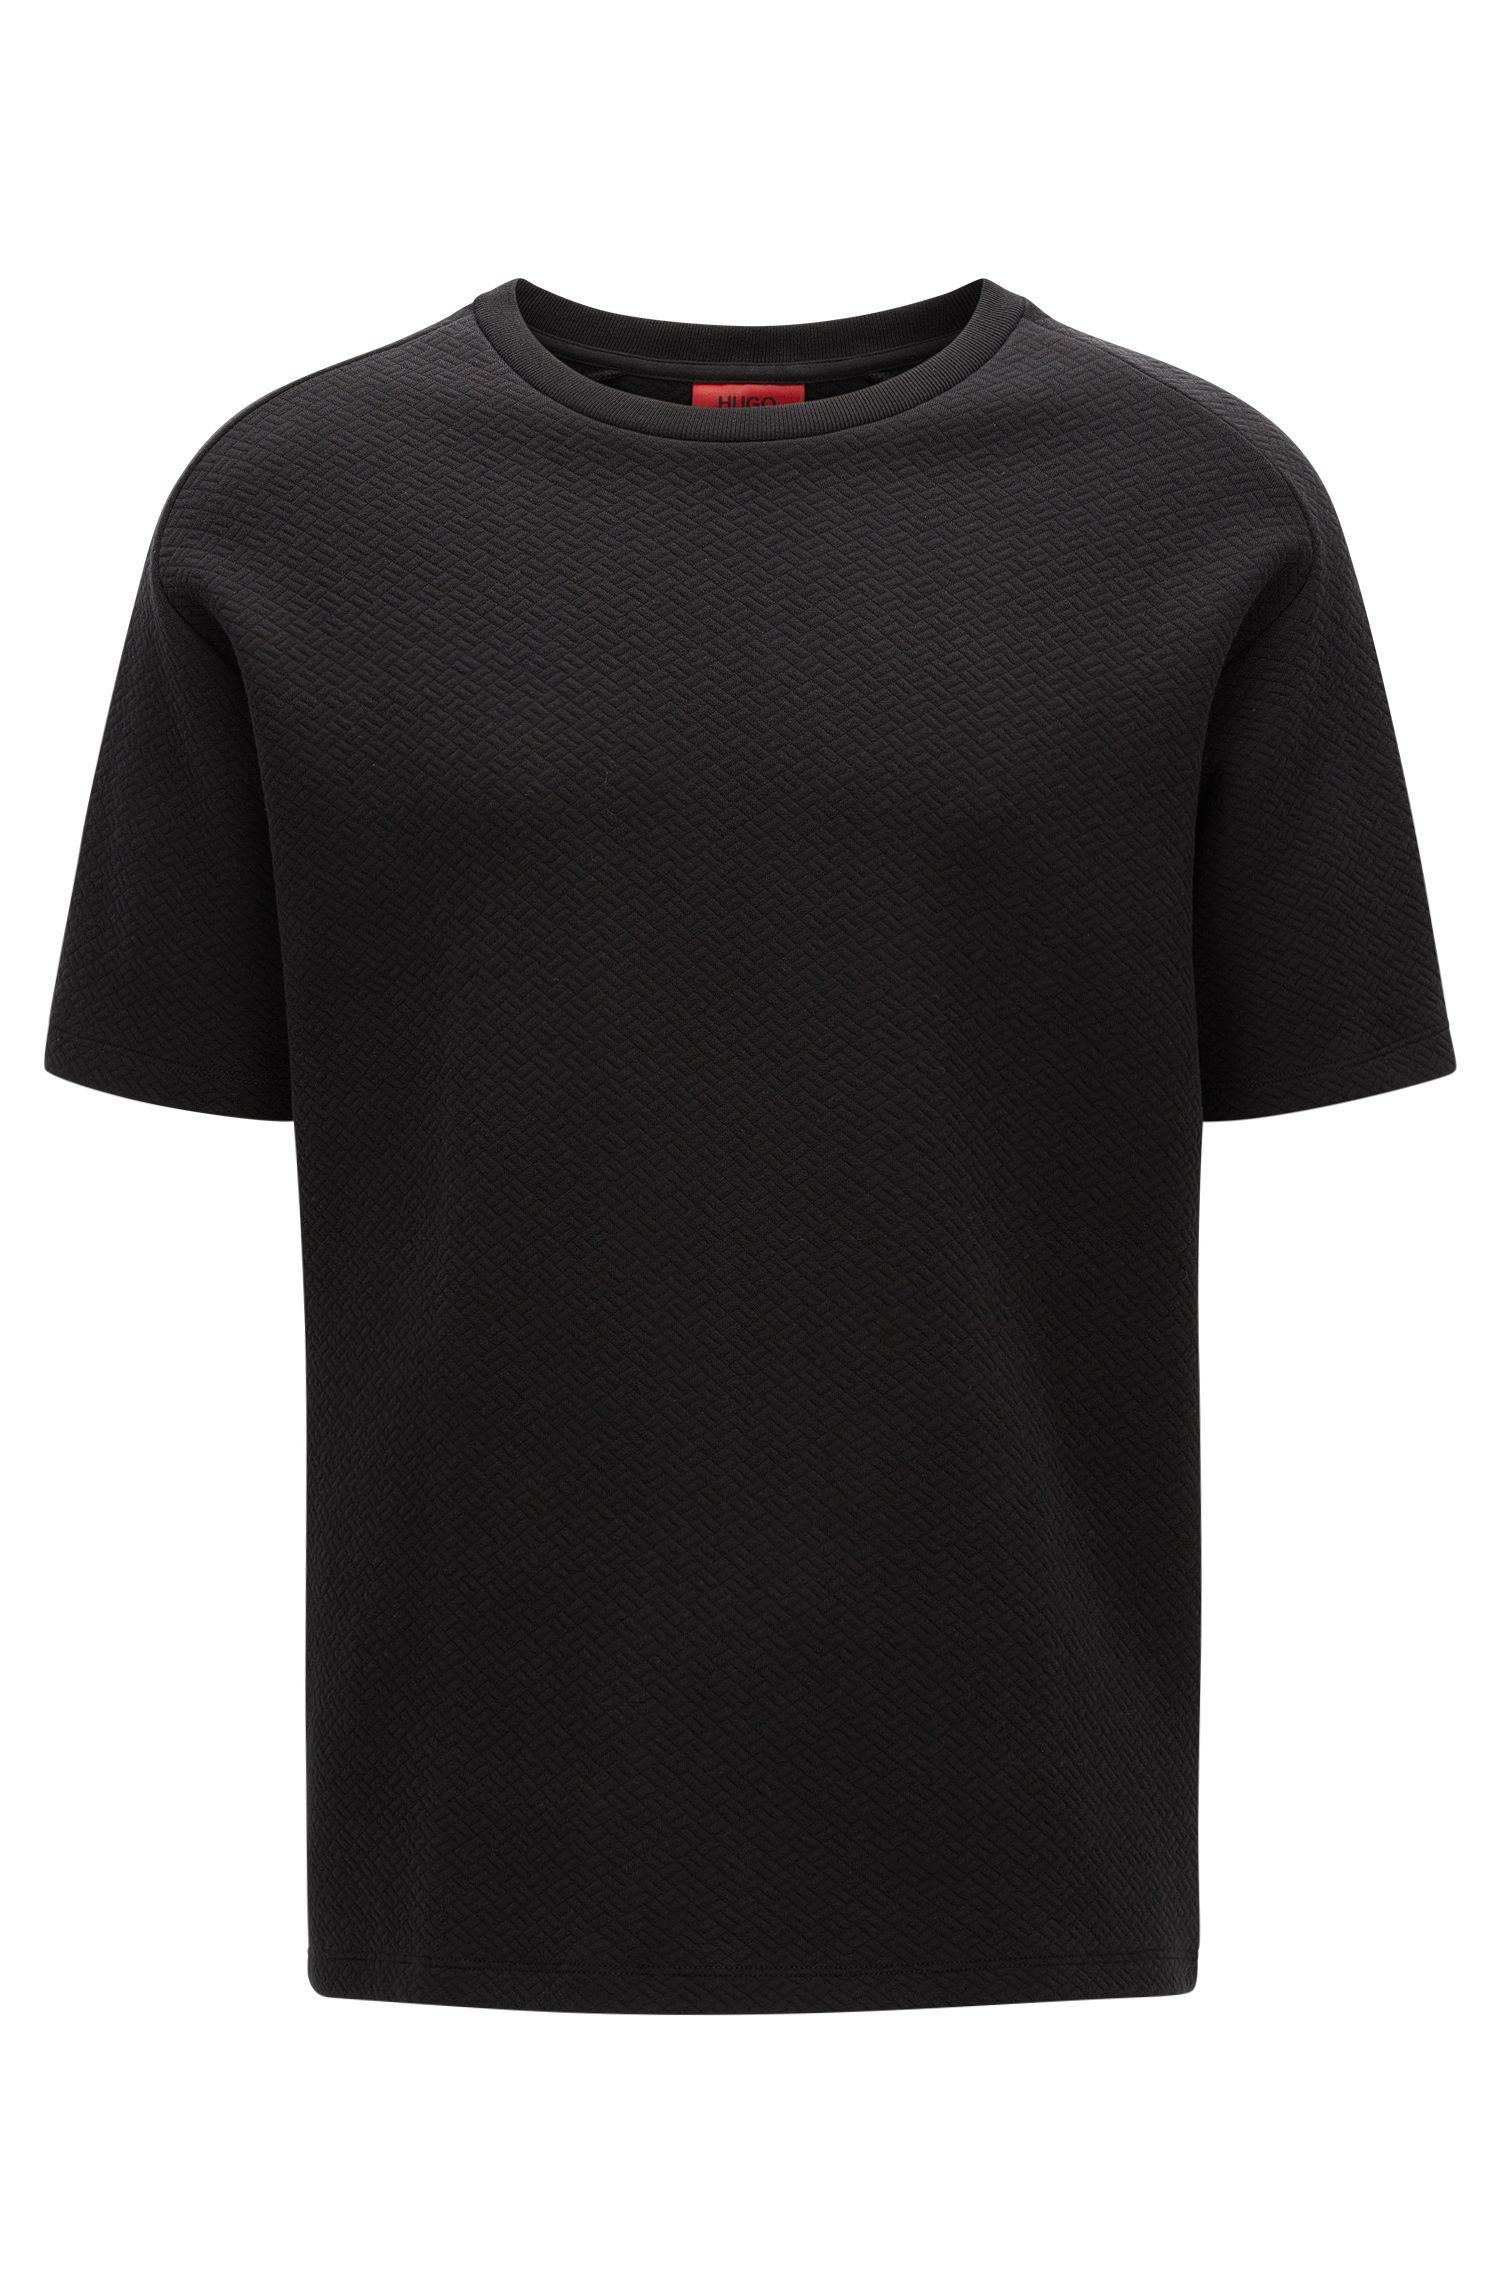 T-shirt Relaxed Fit en coton lourd structuré